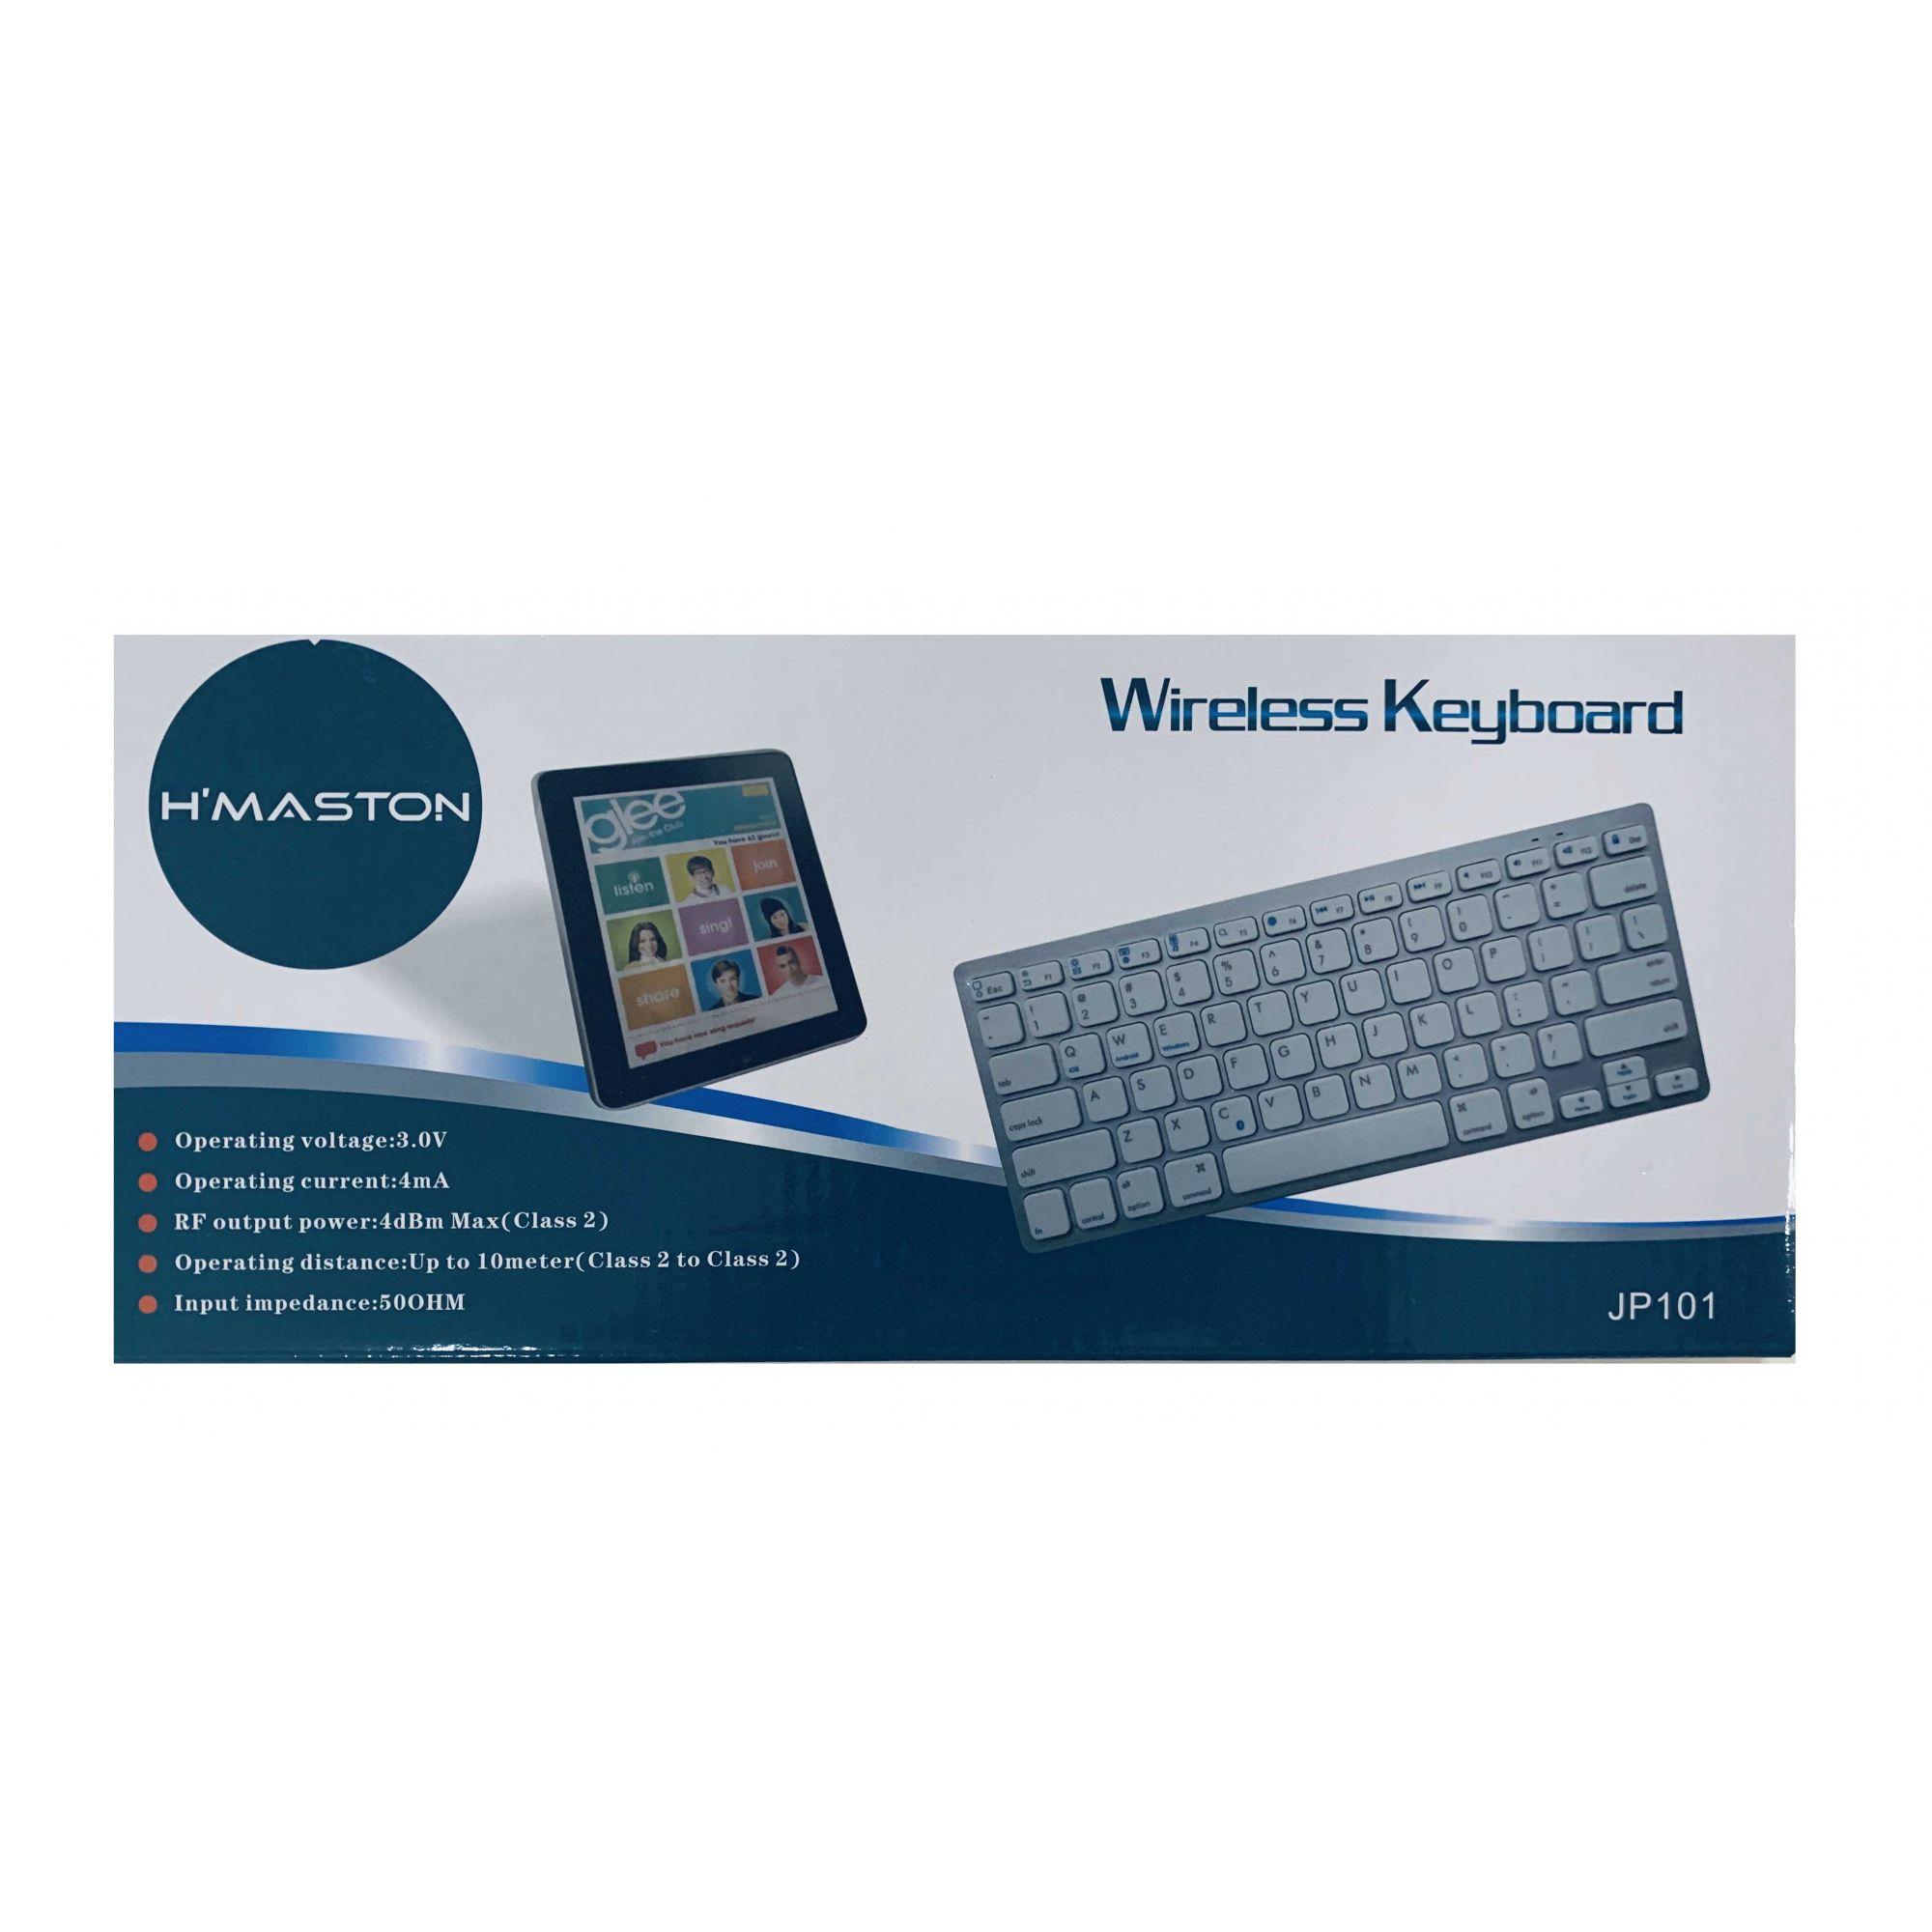 Teclado Sem Fio Bluetooth  para Tablet, Celular e Computador Hmaston